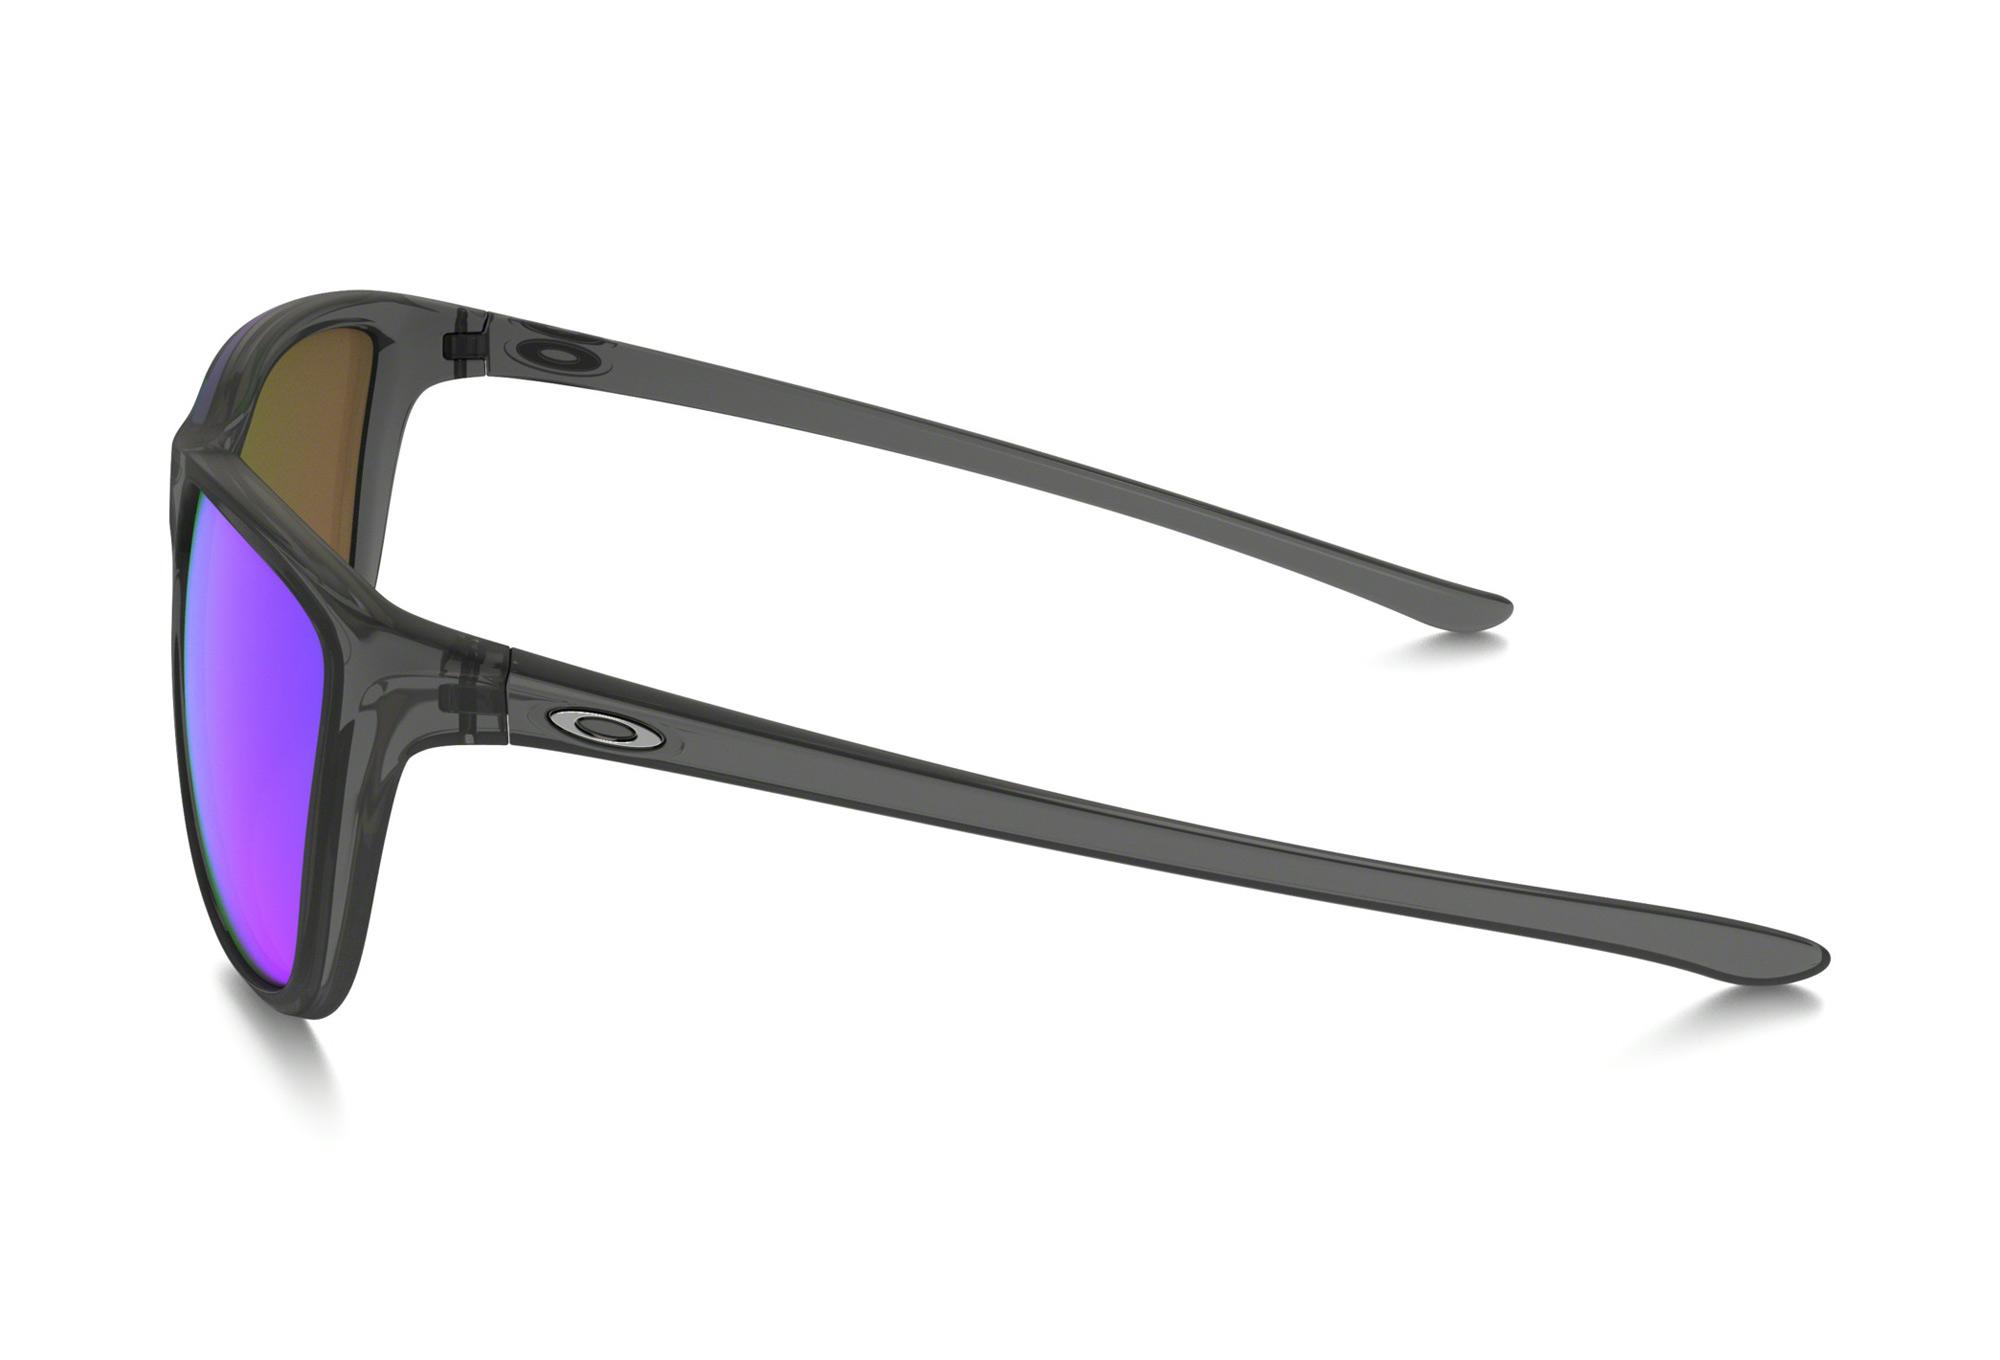 6a34f46679 Oakley Men s Polarized Reverie